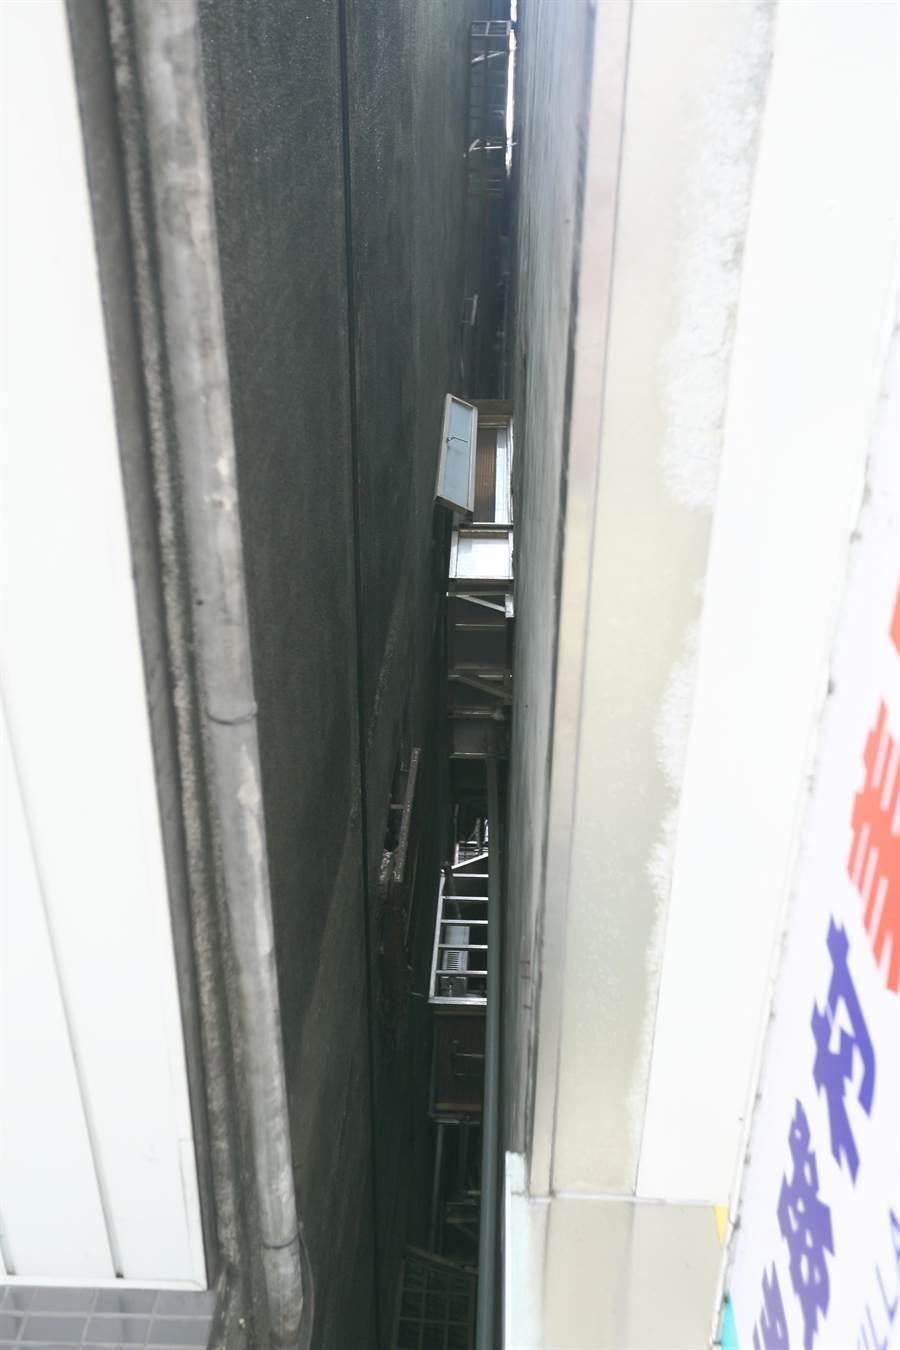 花蓮18日發生芮氏規模6.1級地震,位於北市信義路4段405號的富貴角大樓,疑因地震發生傾斜情形,里長表示該大樓921時就已經有傾斜,住戶的鐵窗都已靠到隔壁大樓牆上,經建管處會同專業公會鑑定後,認定並無立即危險,民眾皆已返家。(張鎧乙攝)